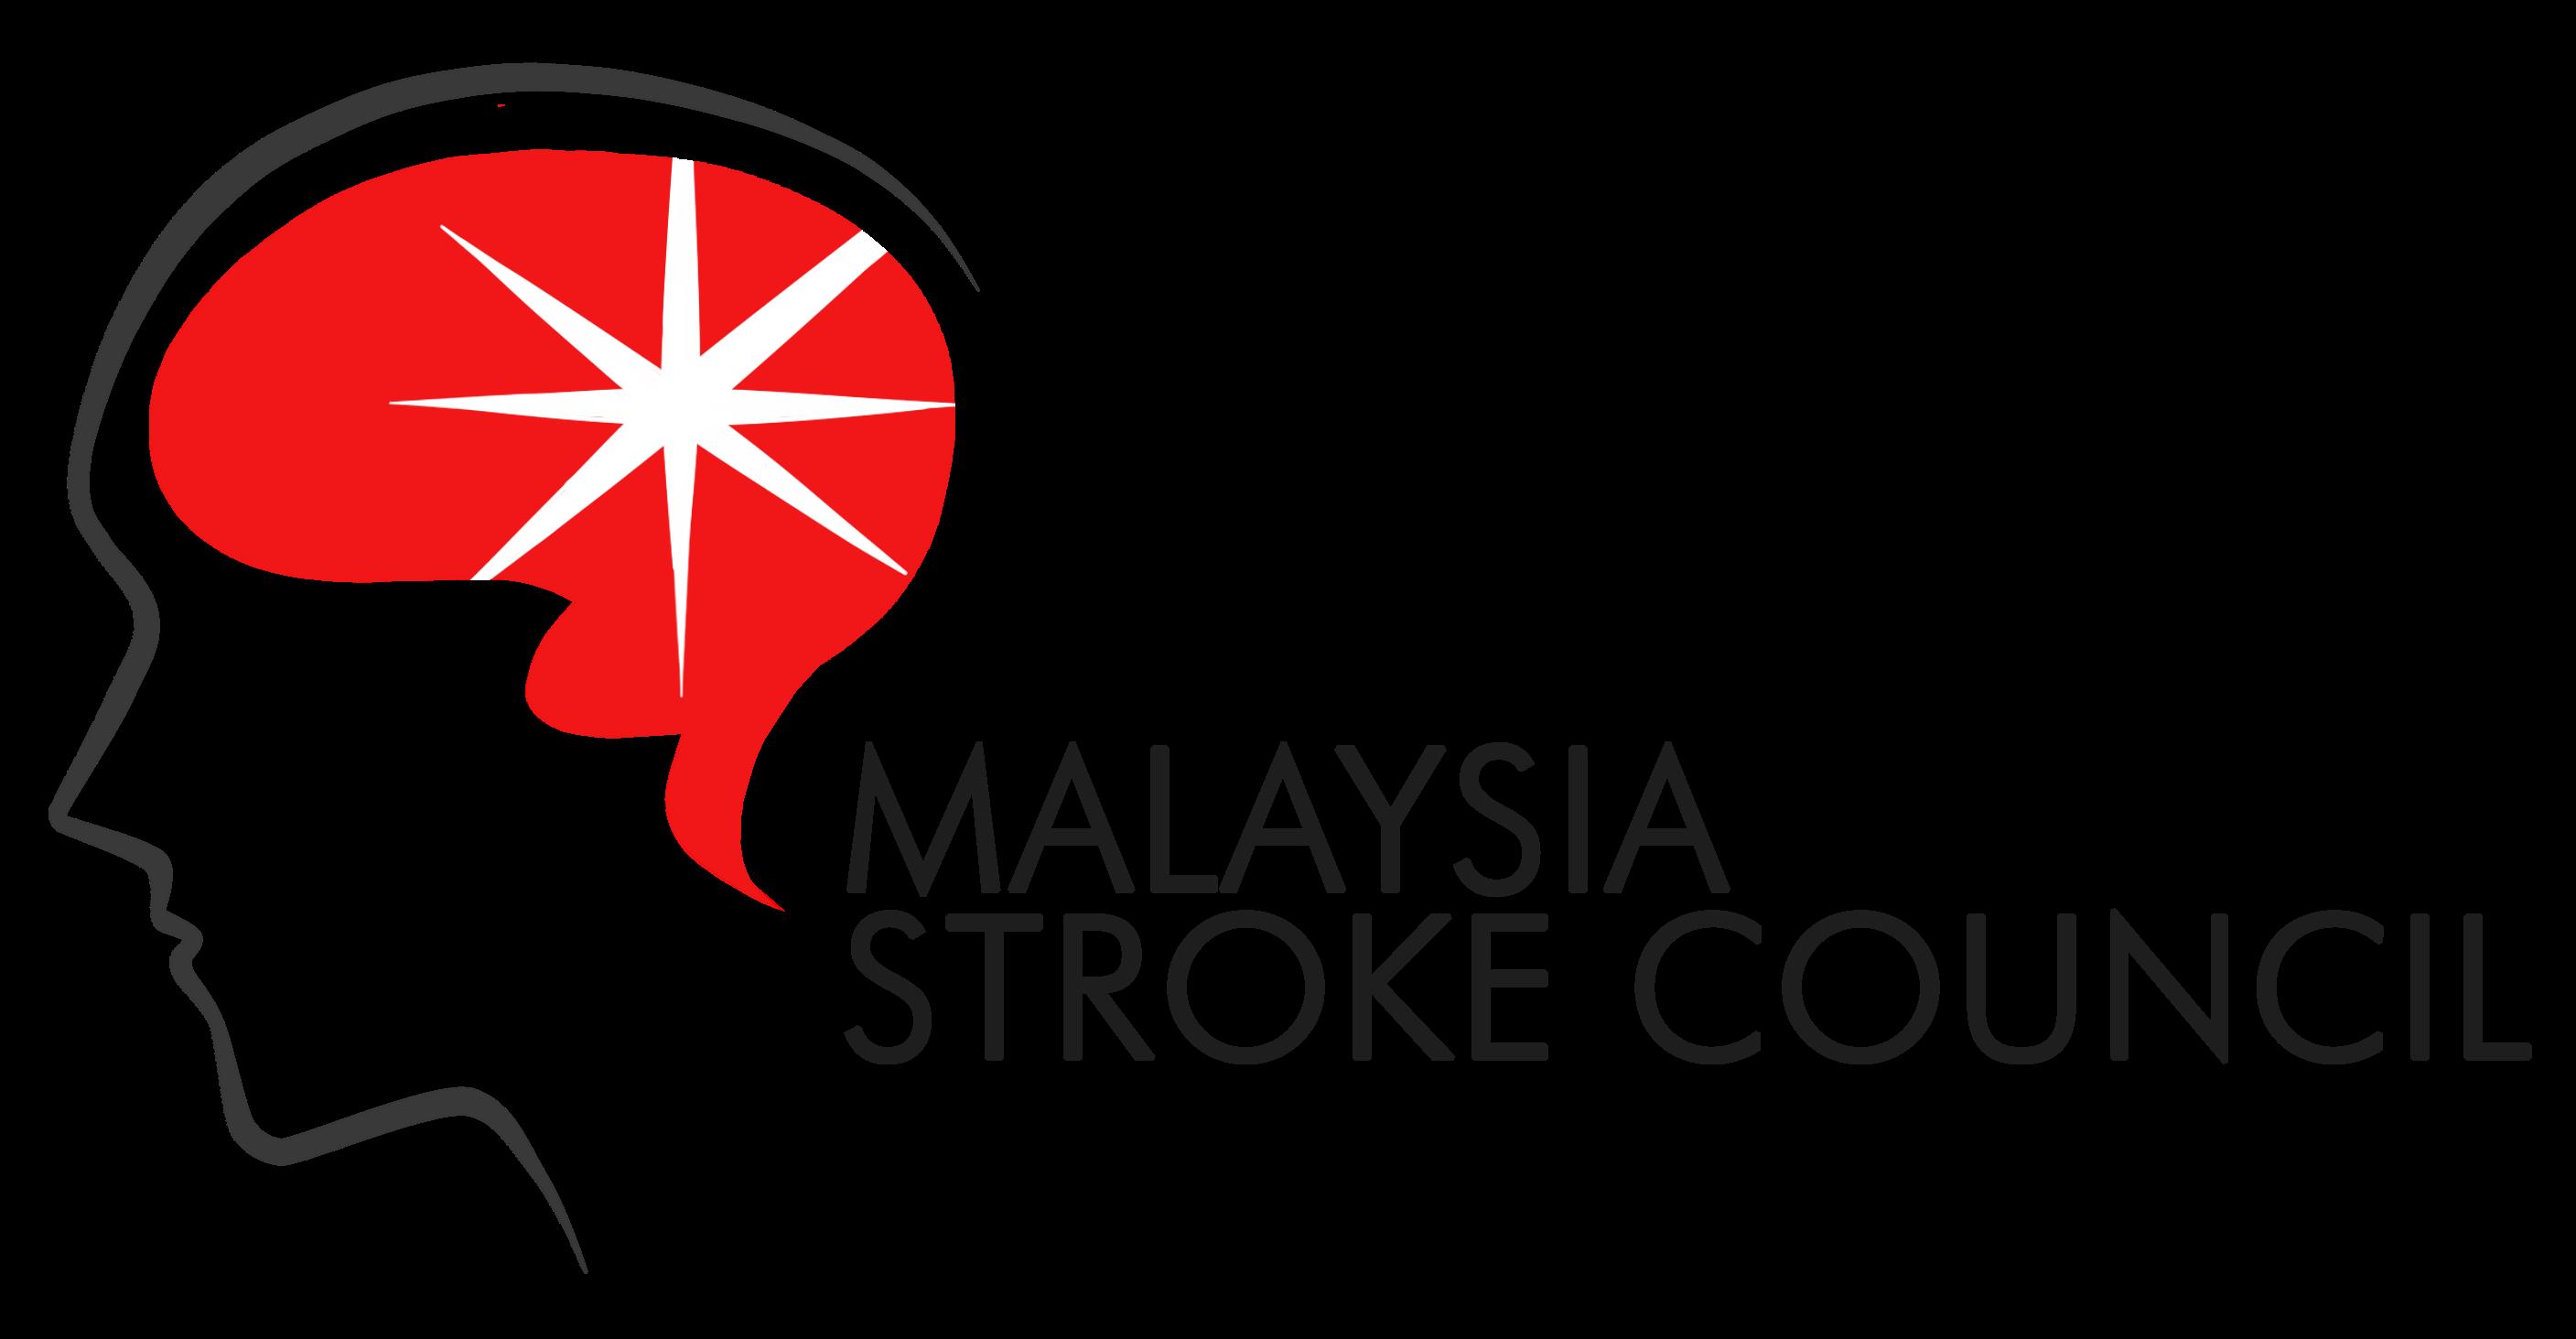 Malaysia Stroke Council